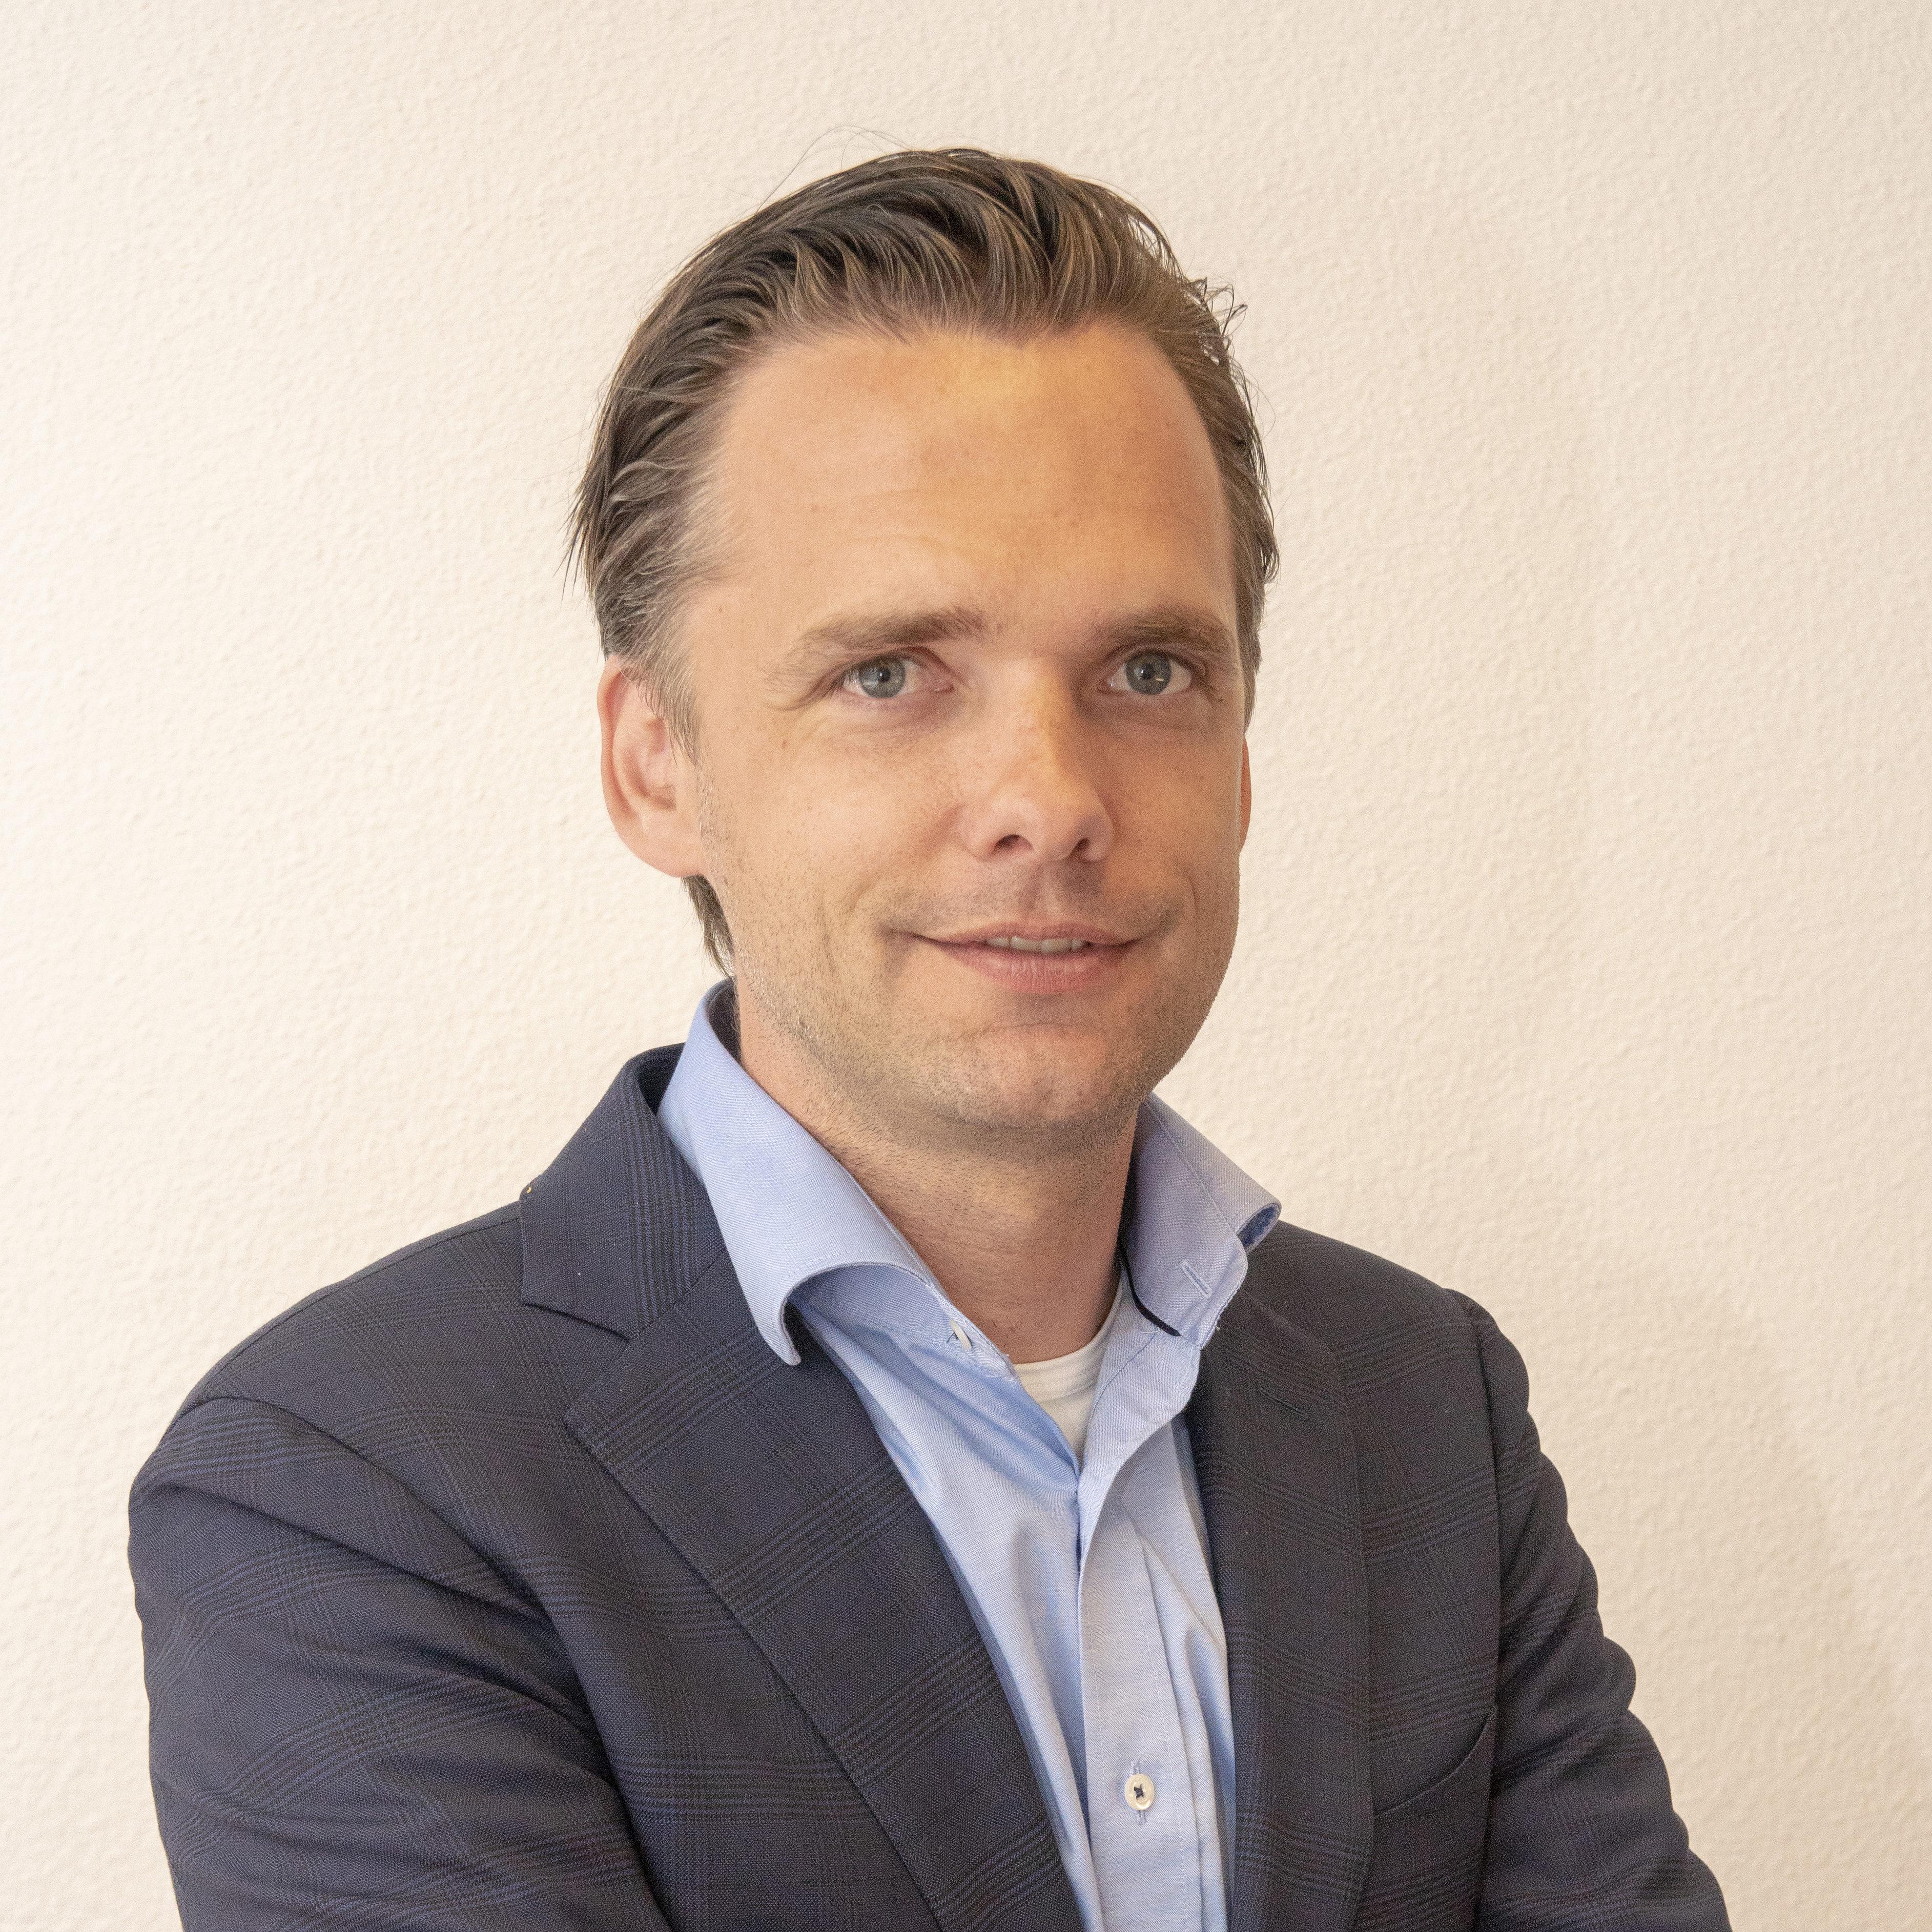 Jeroen Schiedon